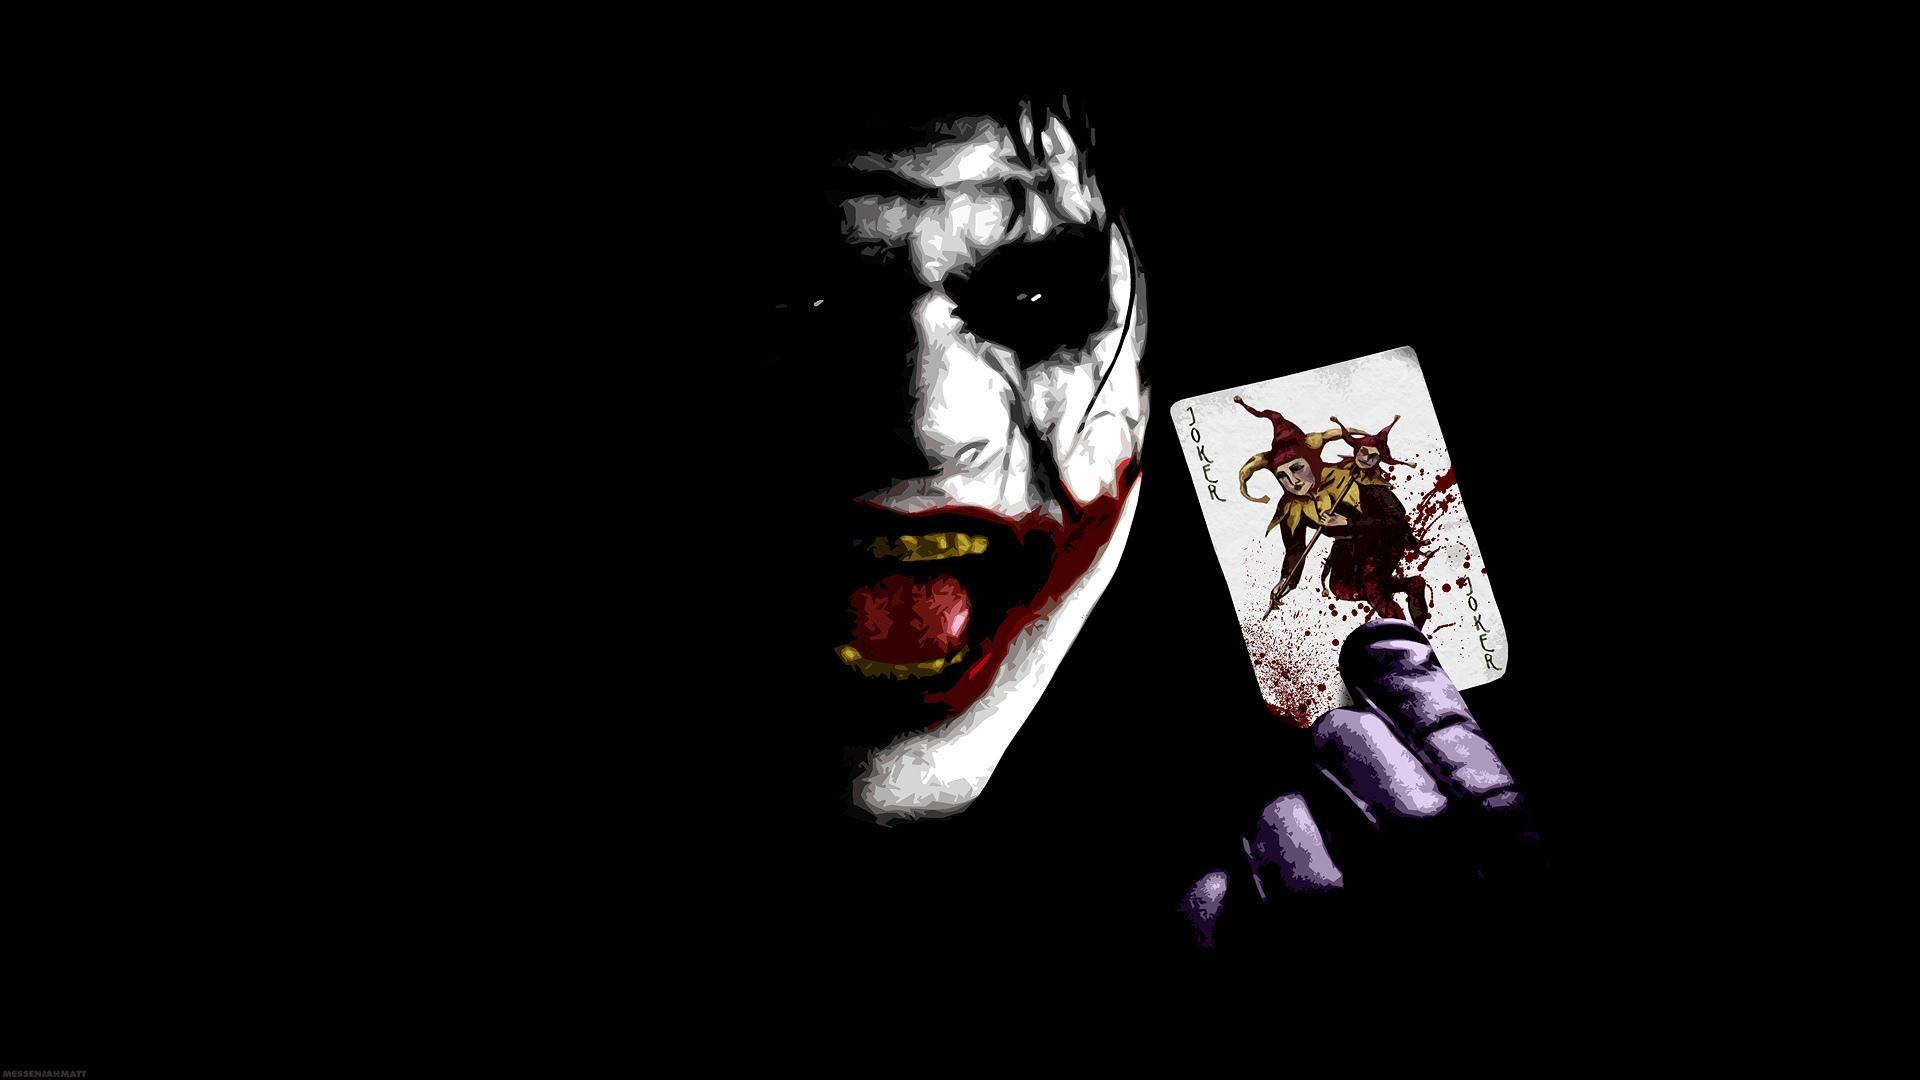 cool Joker wallpapers hd download cool desktop wallpapers